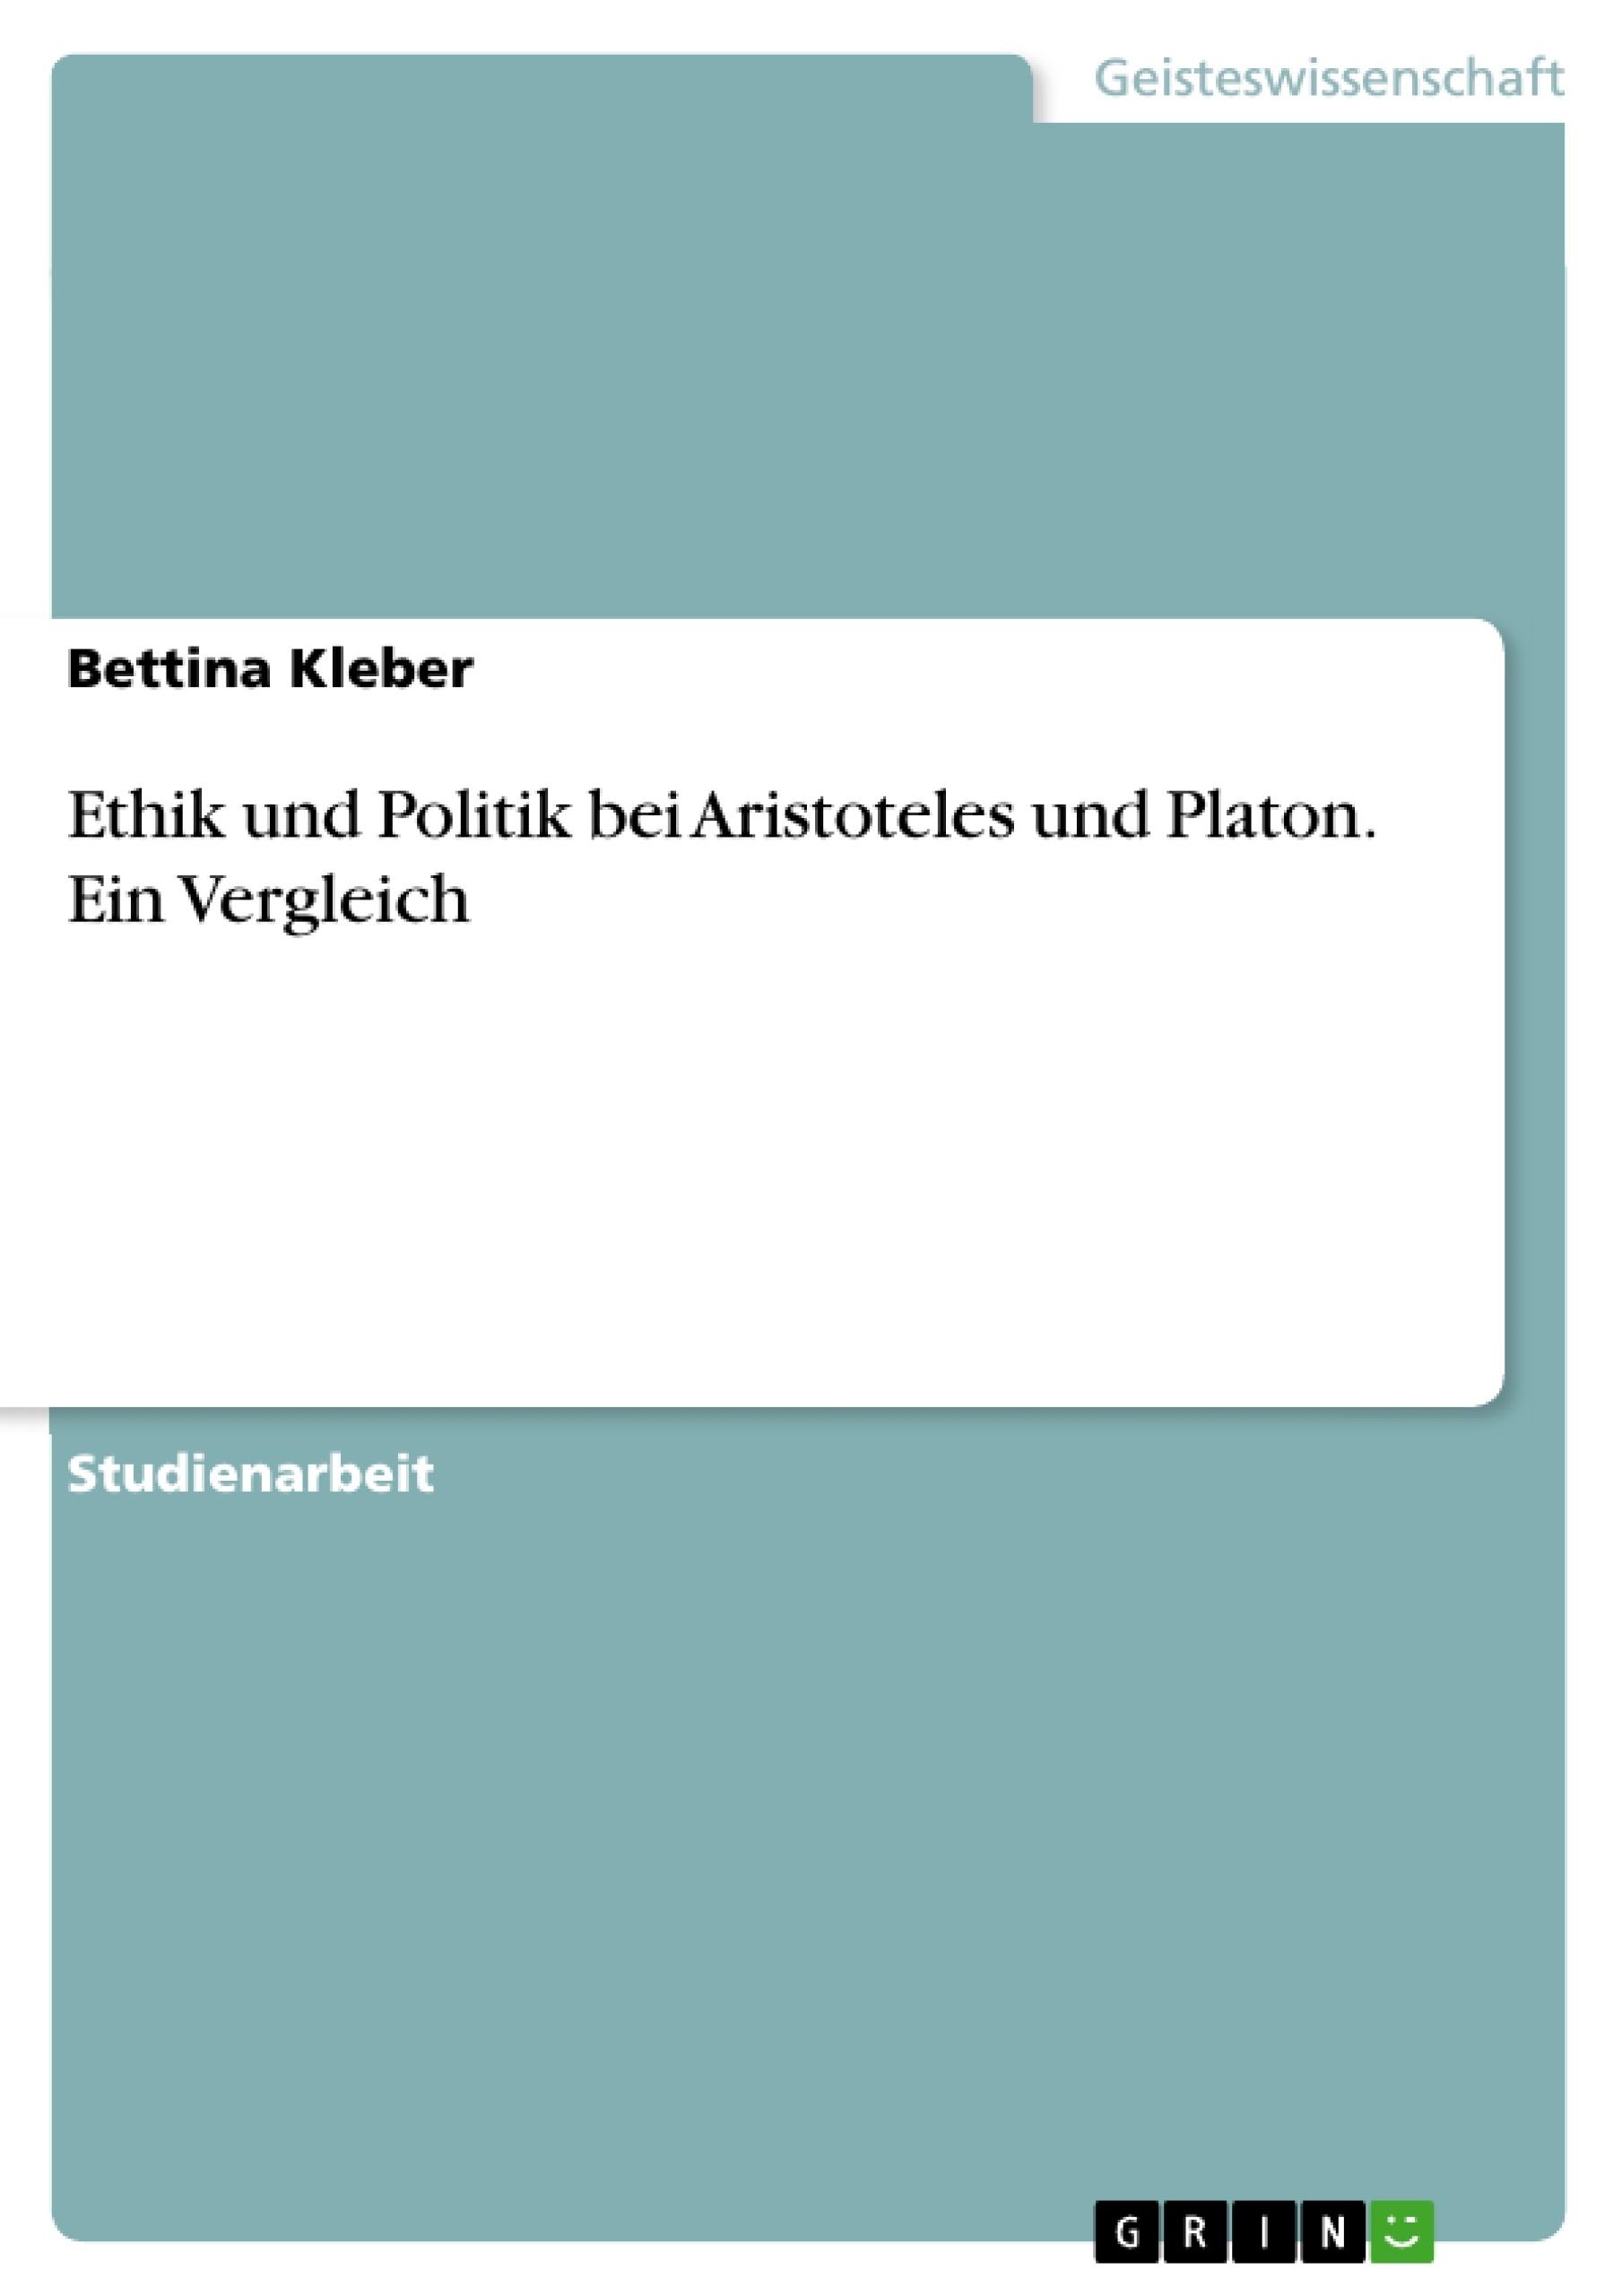 Titel: Ethik und Politik bei Aristoteles und Platon. Ein Vergleich